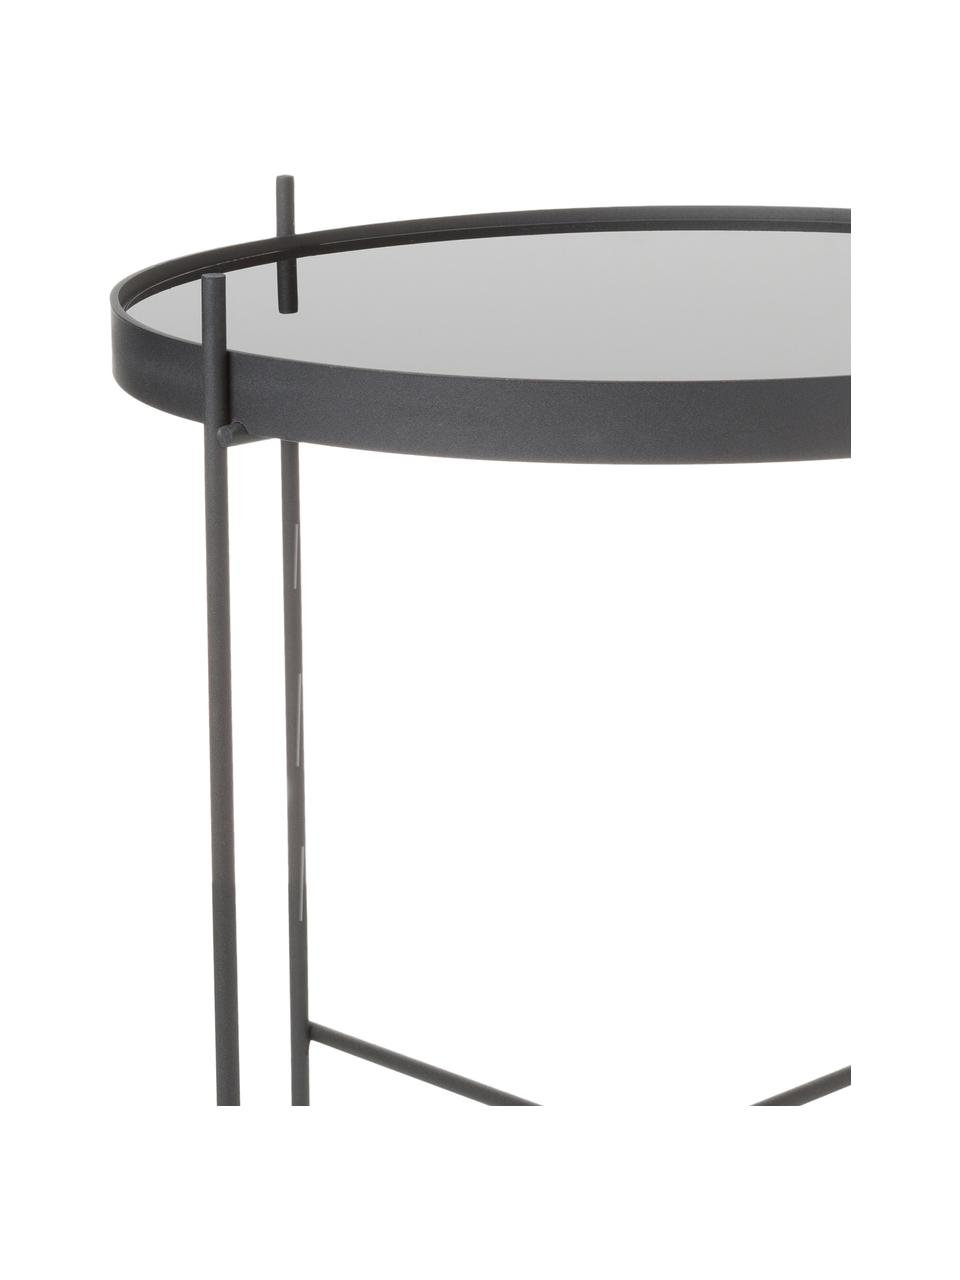 Stolik pomocniczy ze szklanym blatem  Cupid, Stelaż: żelazo malowane proszkowo, Blat: czarne szkło, Czarny, Ø 43 x W 45 cm